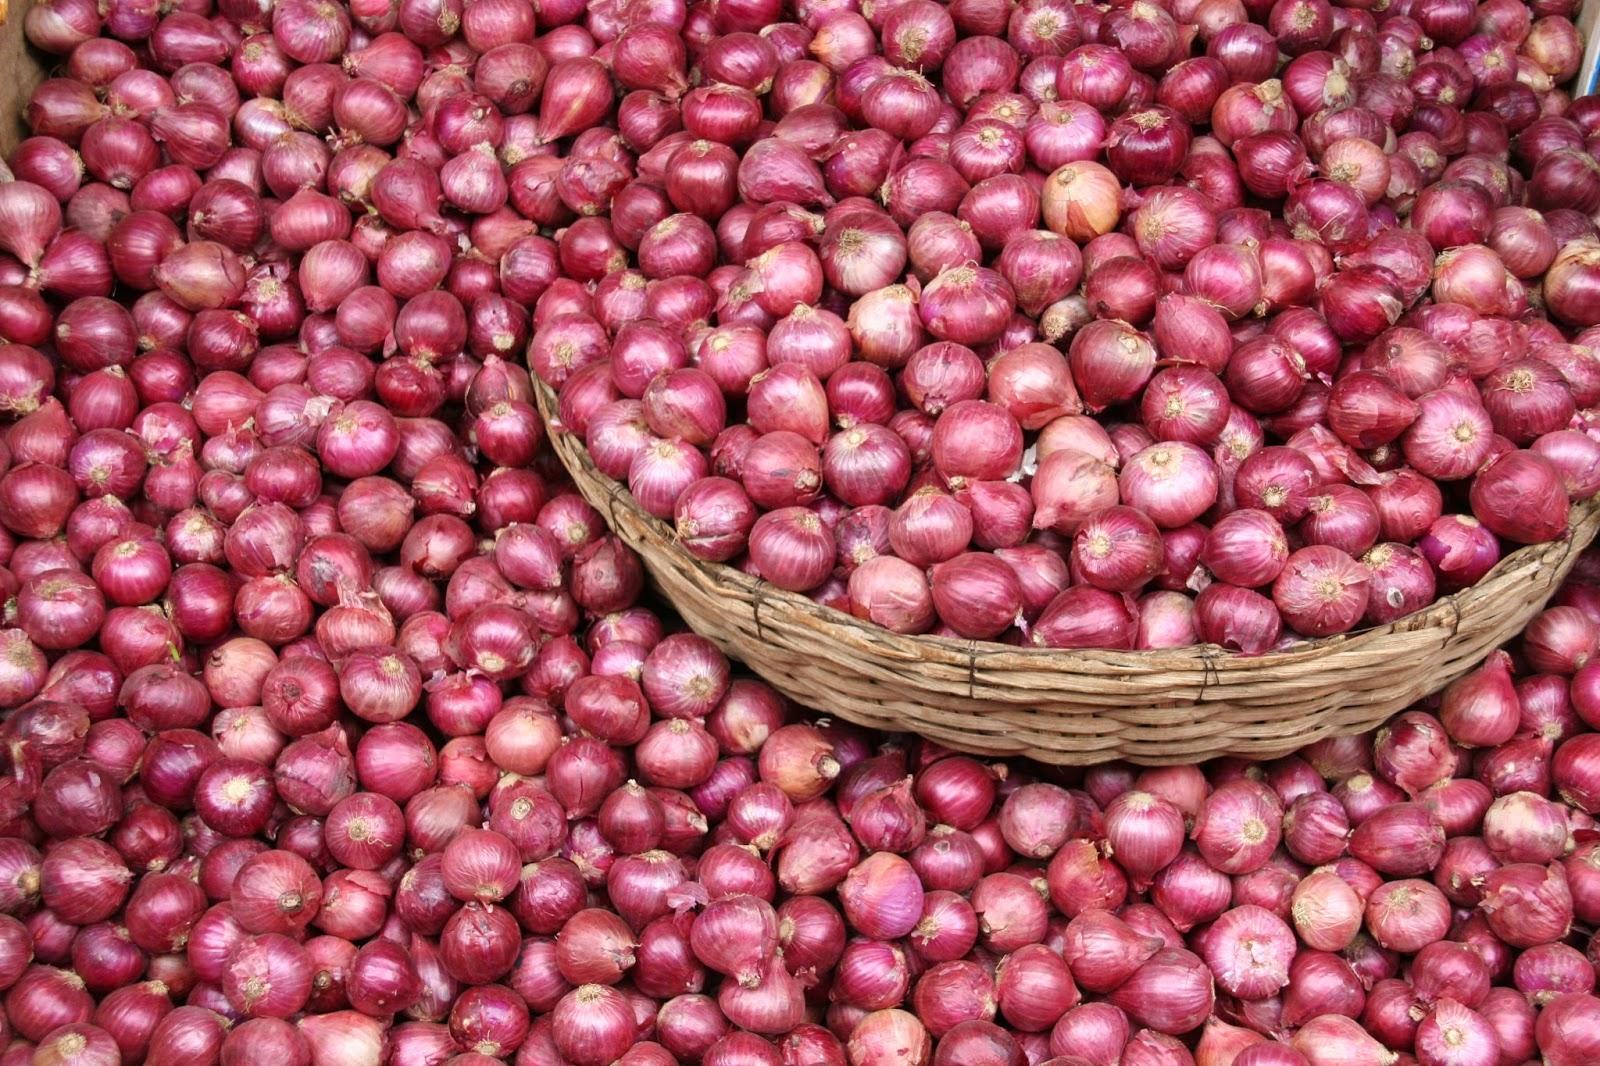 Onions Farming in Nigeria